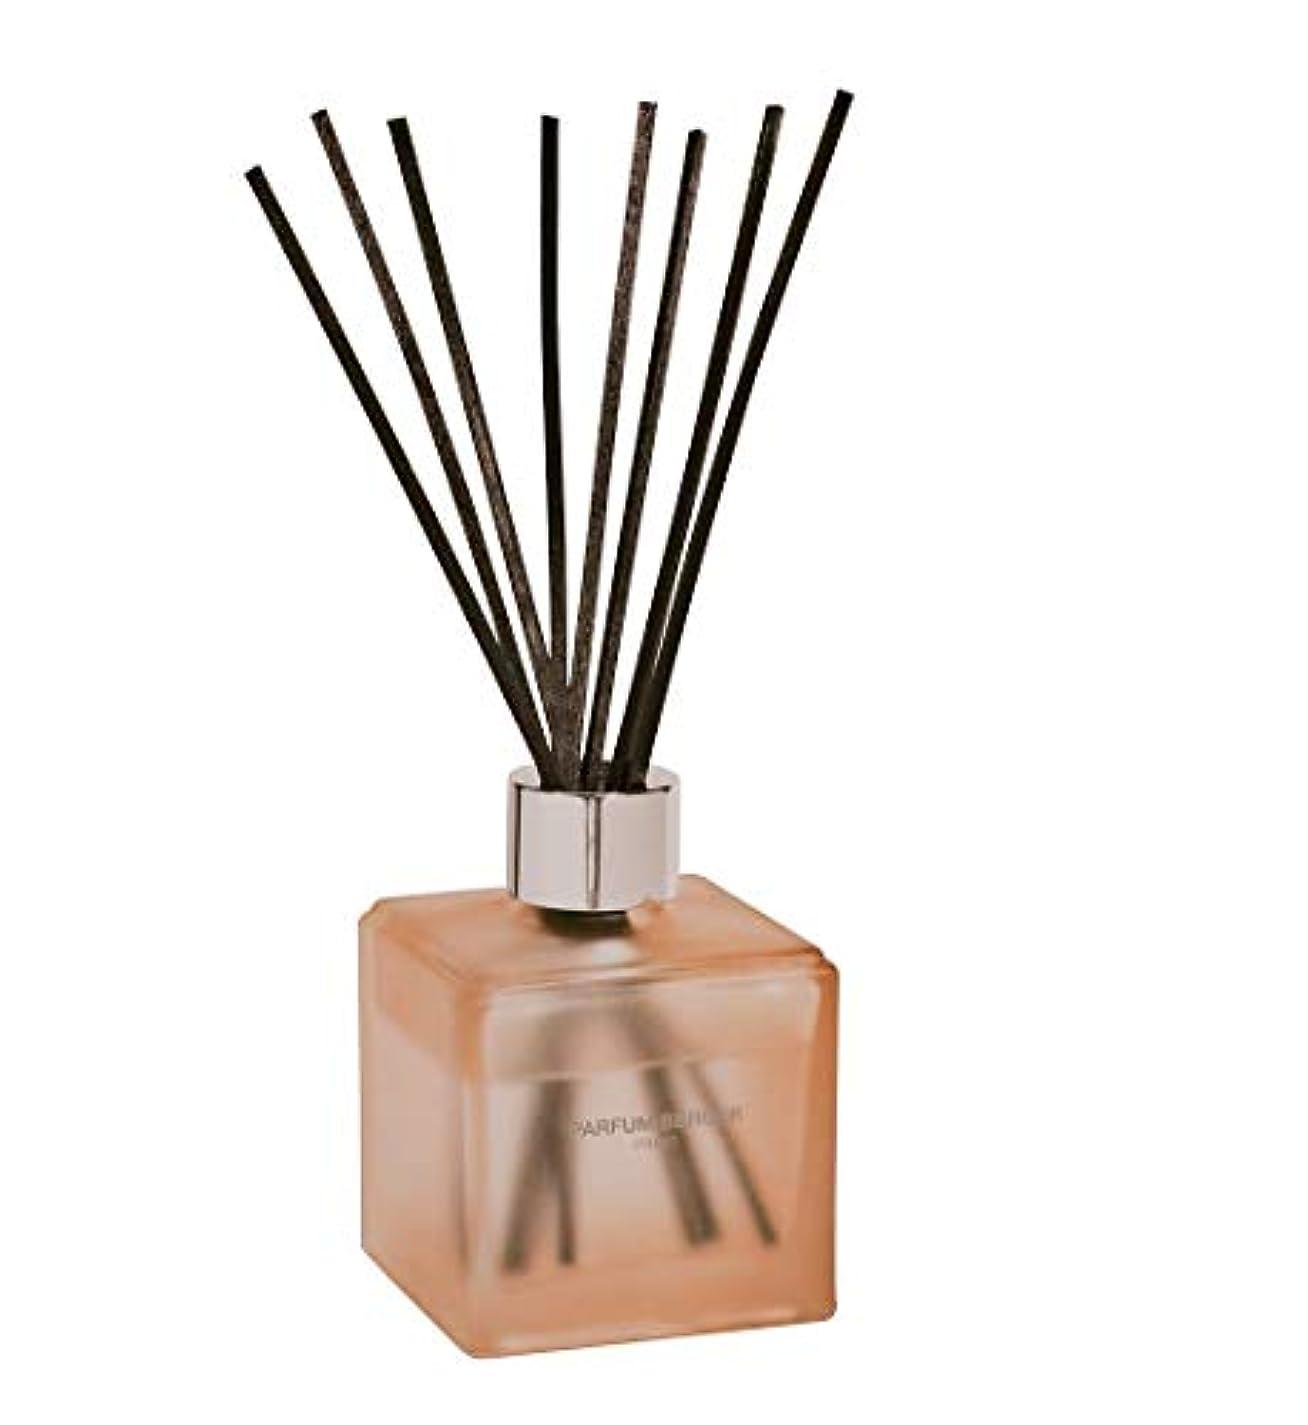 過言ファンブル野菜ランプベルジェ Functional Cube Scented Bouquet - Neutralize Pet Smells (Floral and Zesty) 125ml/4.2oz並行輸入品